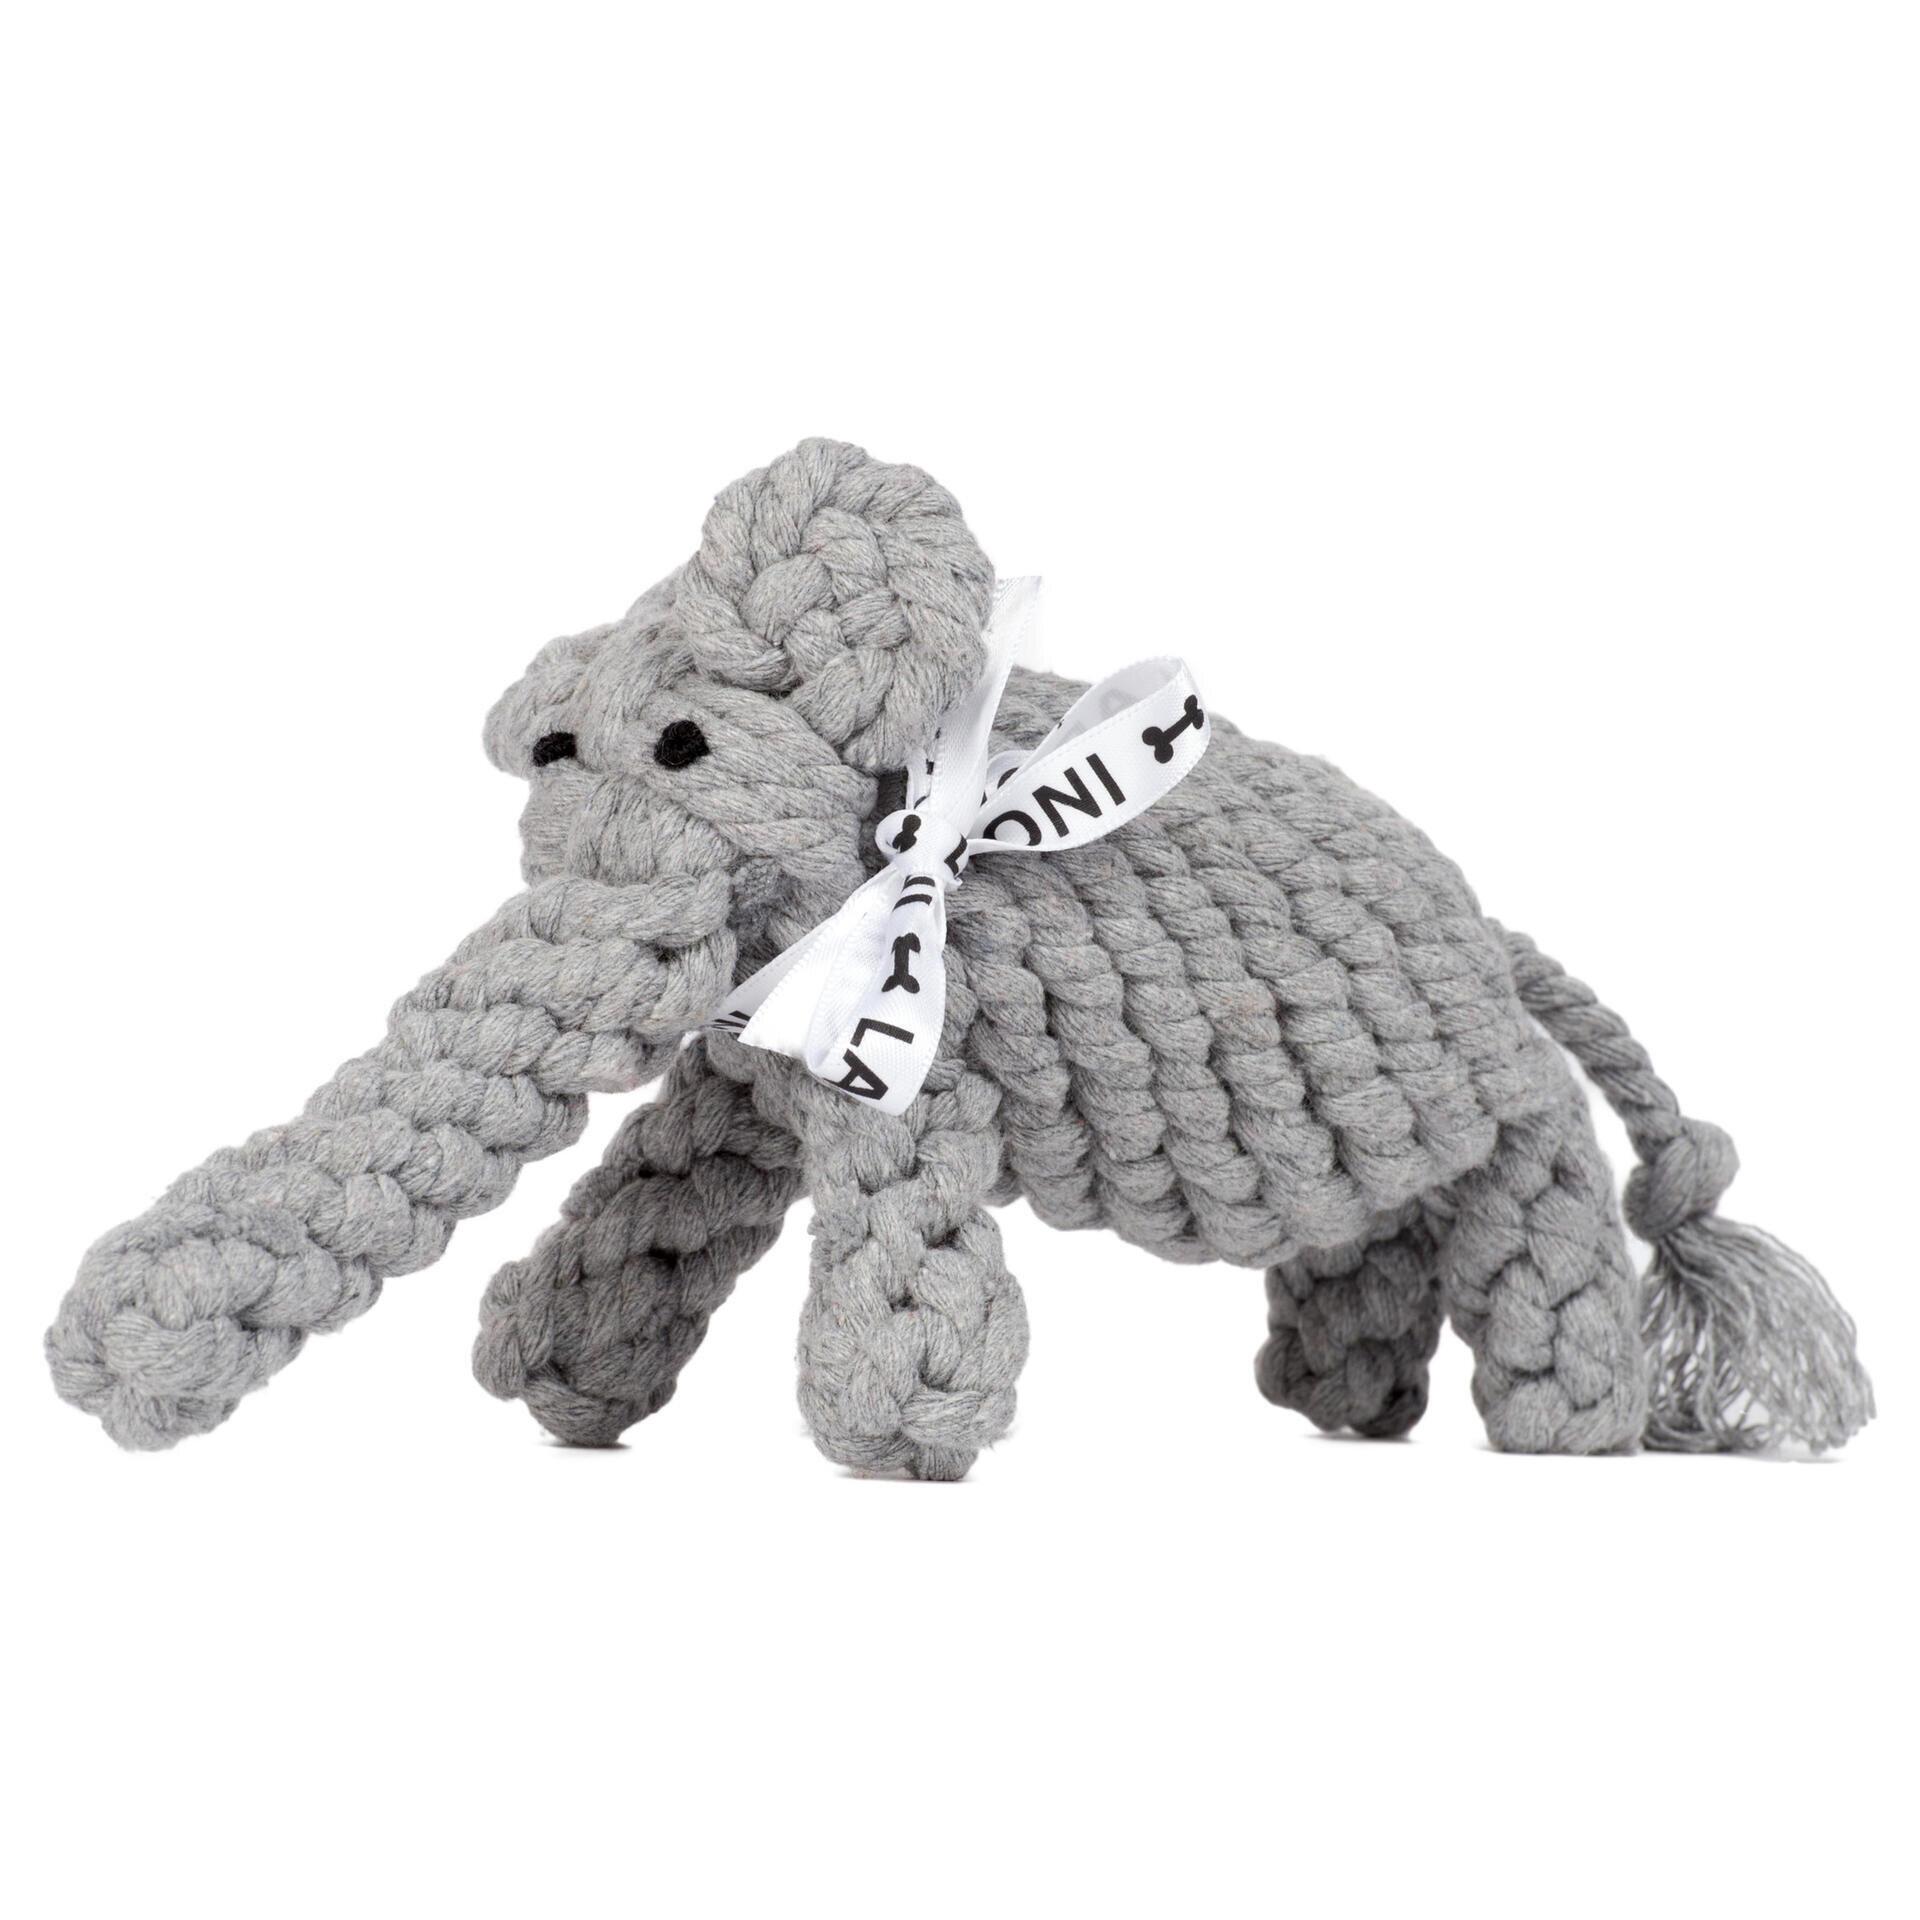 Elton Elefant Jr. - Kult-Spielzeug für Hunde